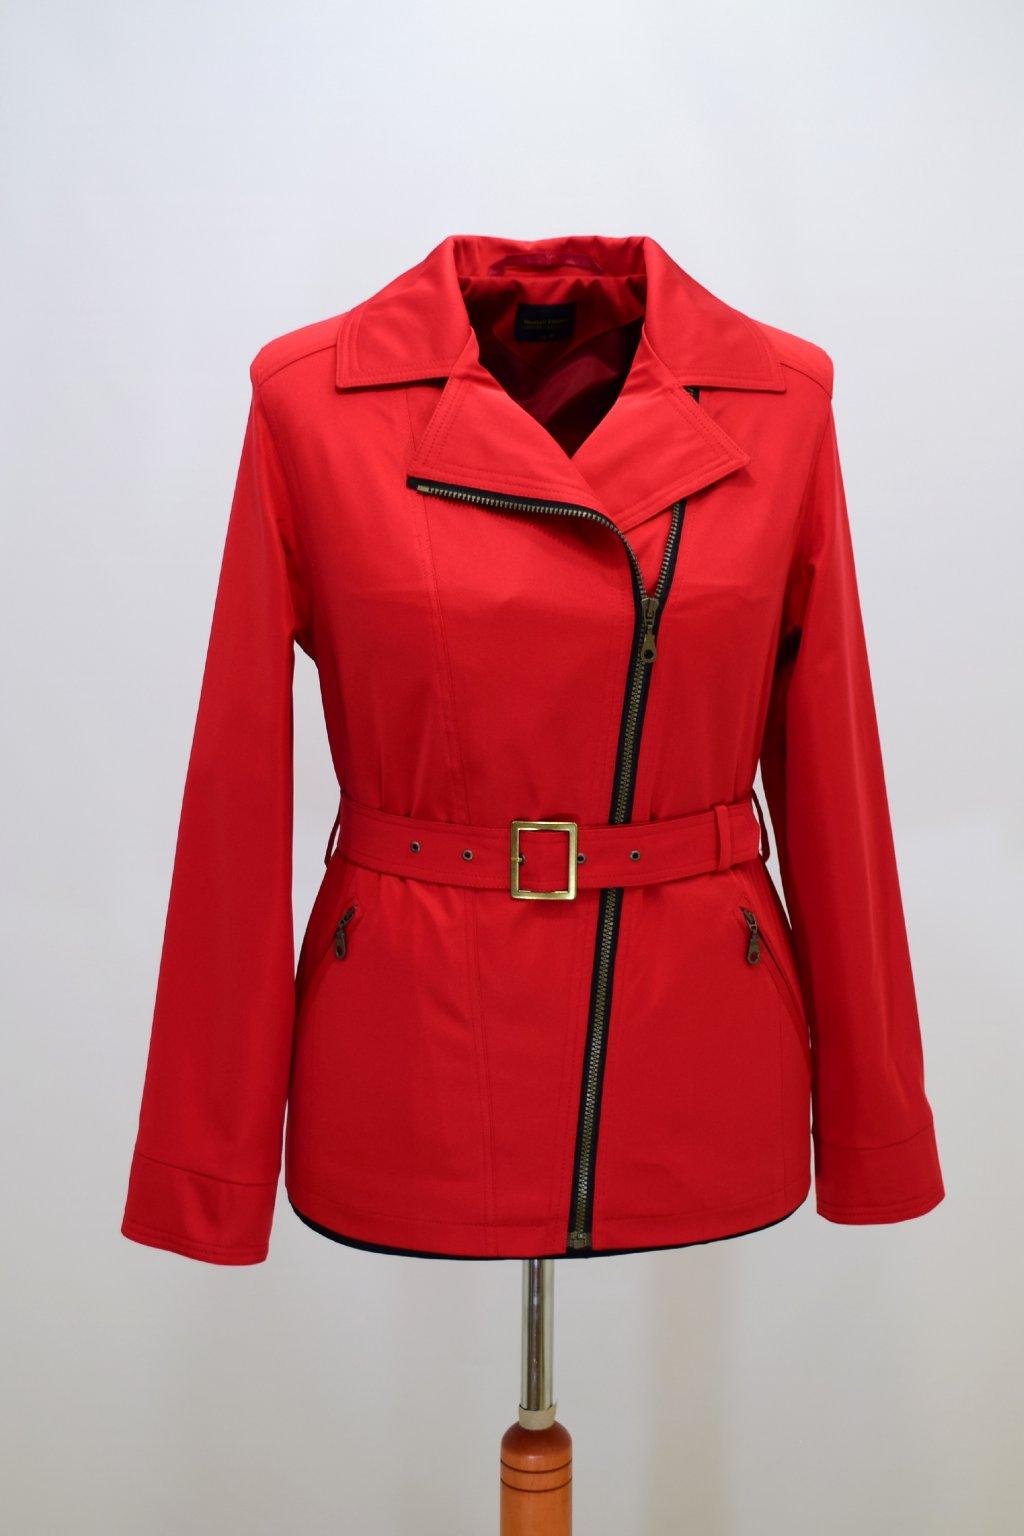 Dámský jarní kabátek Zora nadměrné velikosti